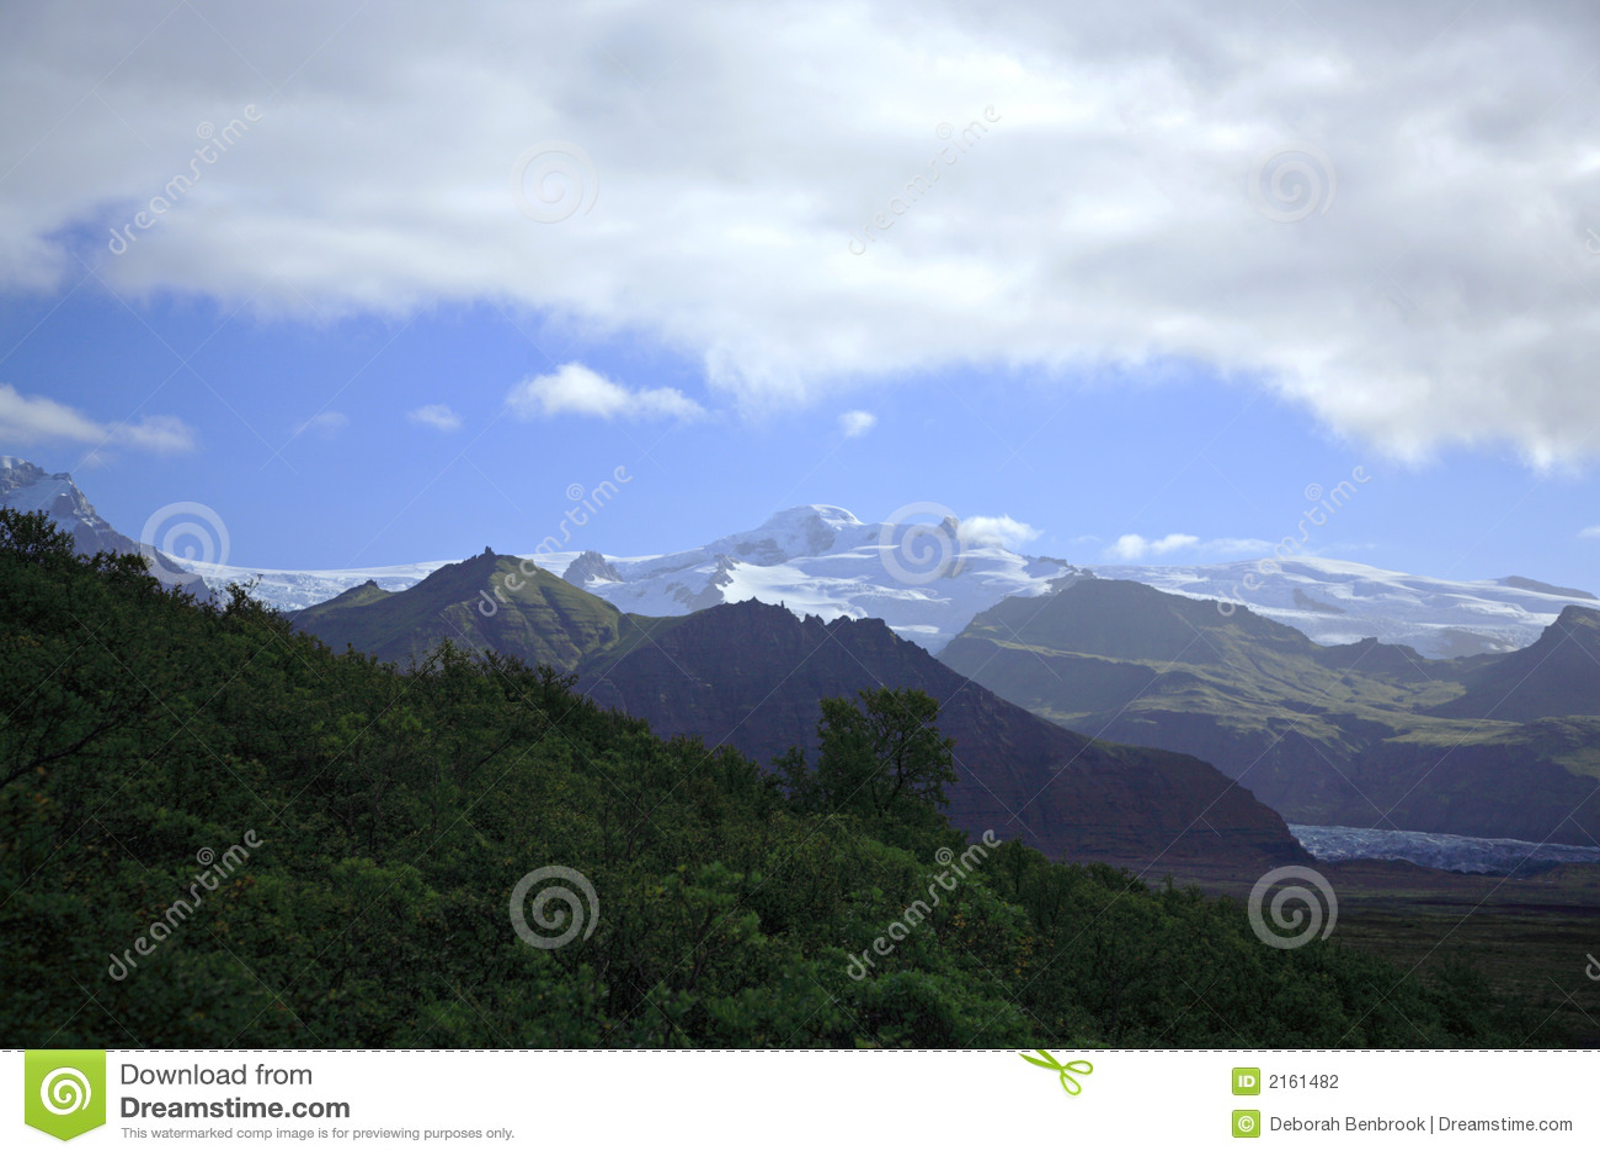 över glaciärer som ska visas